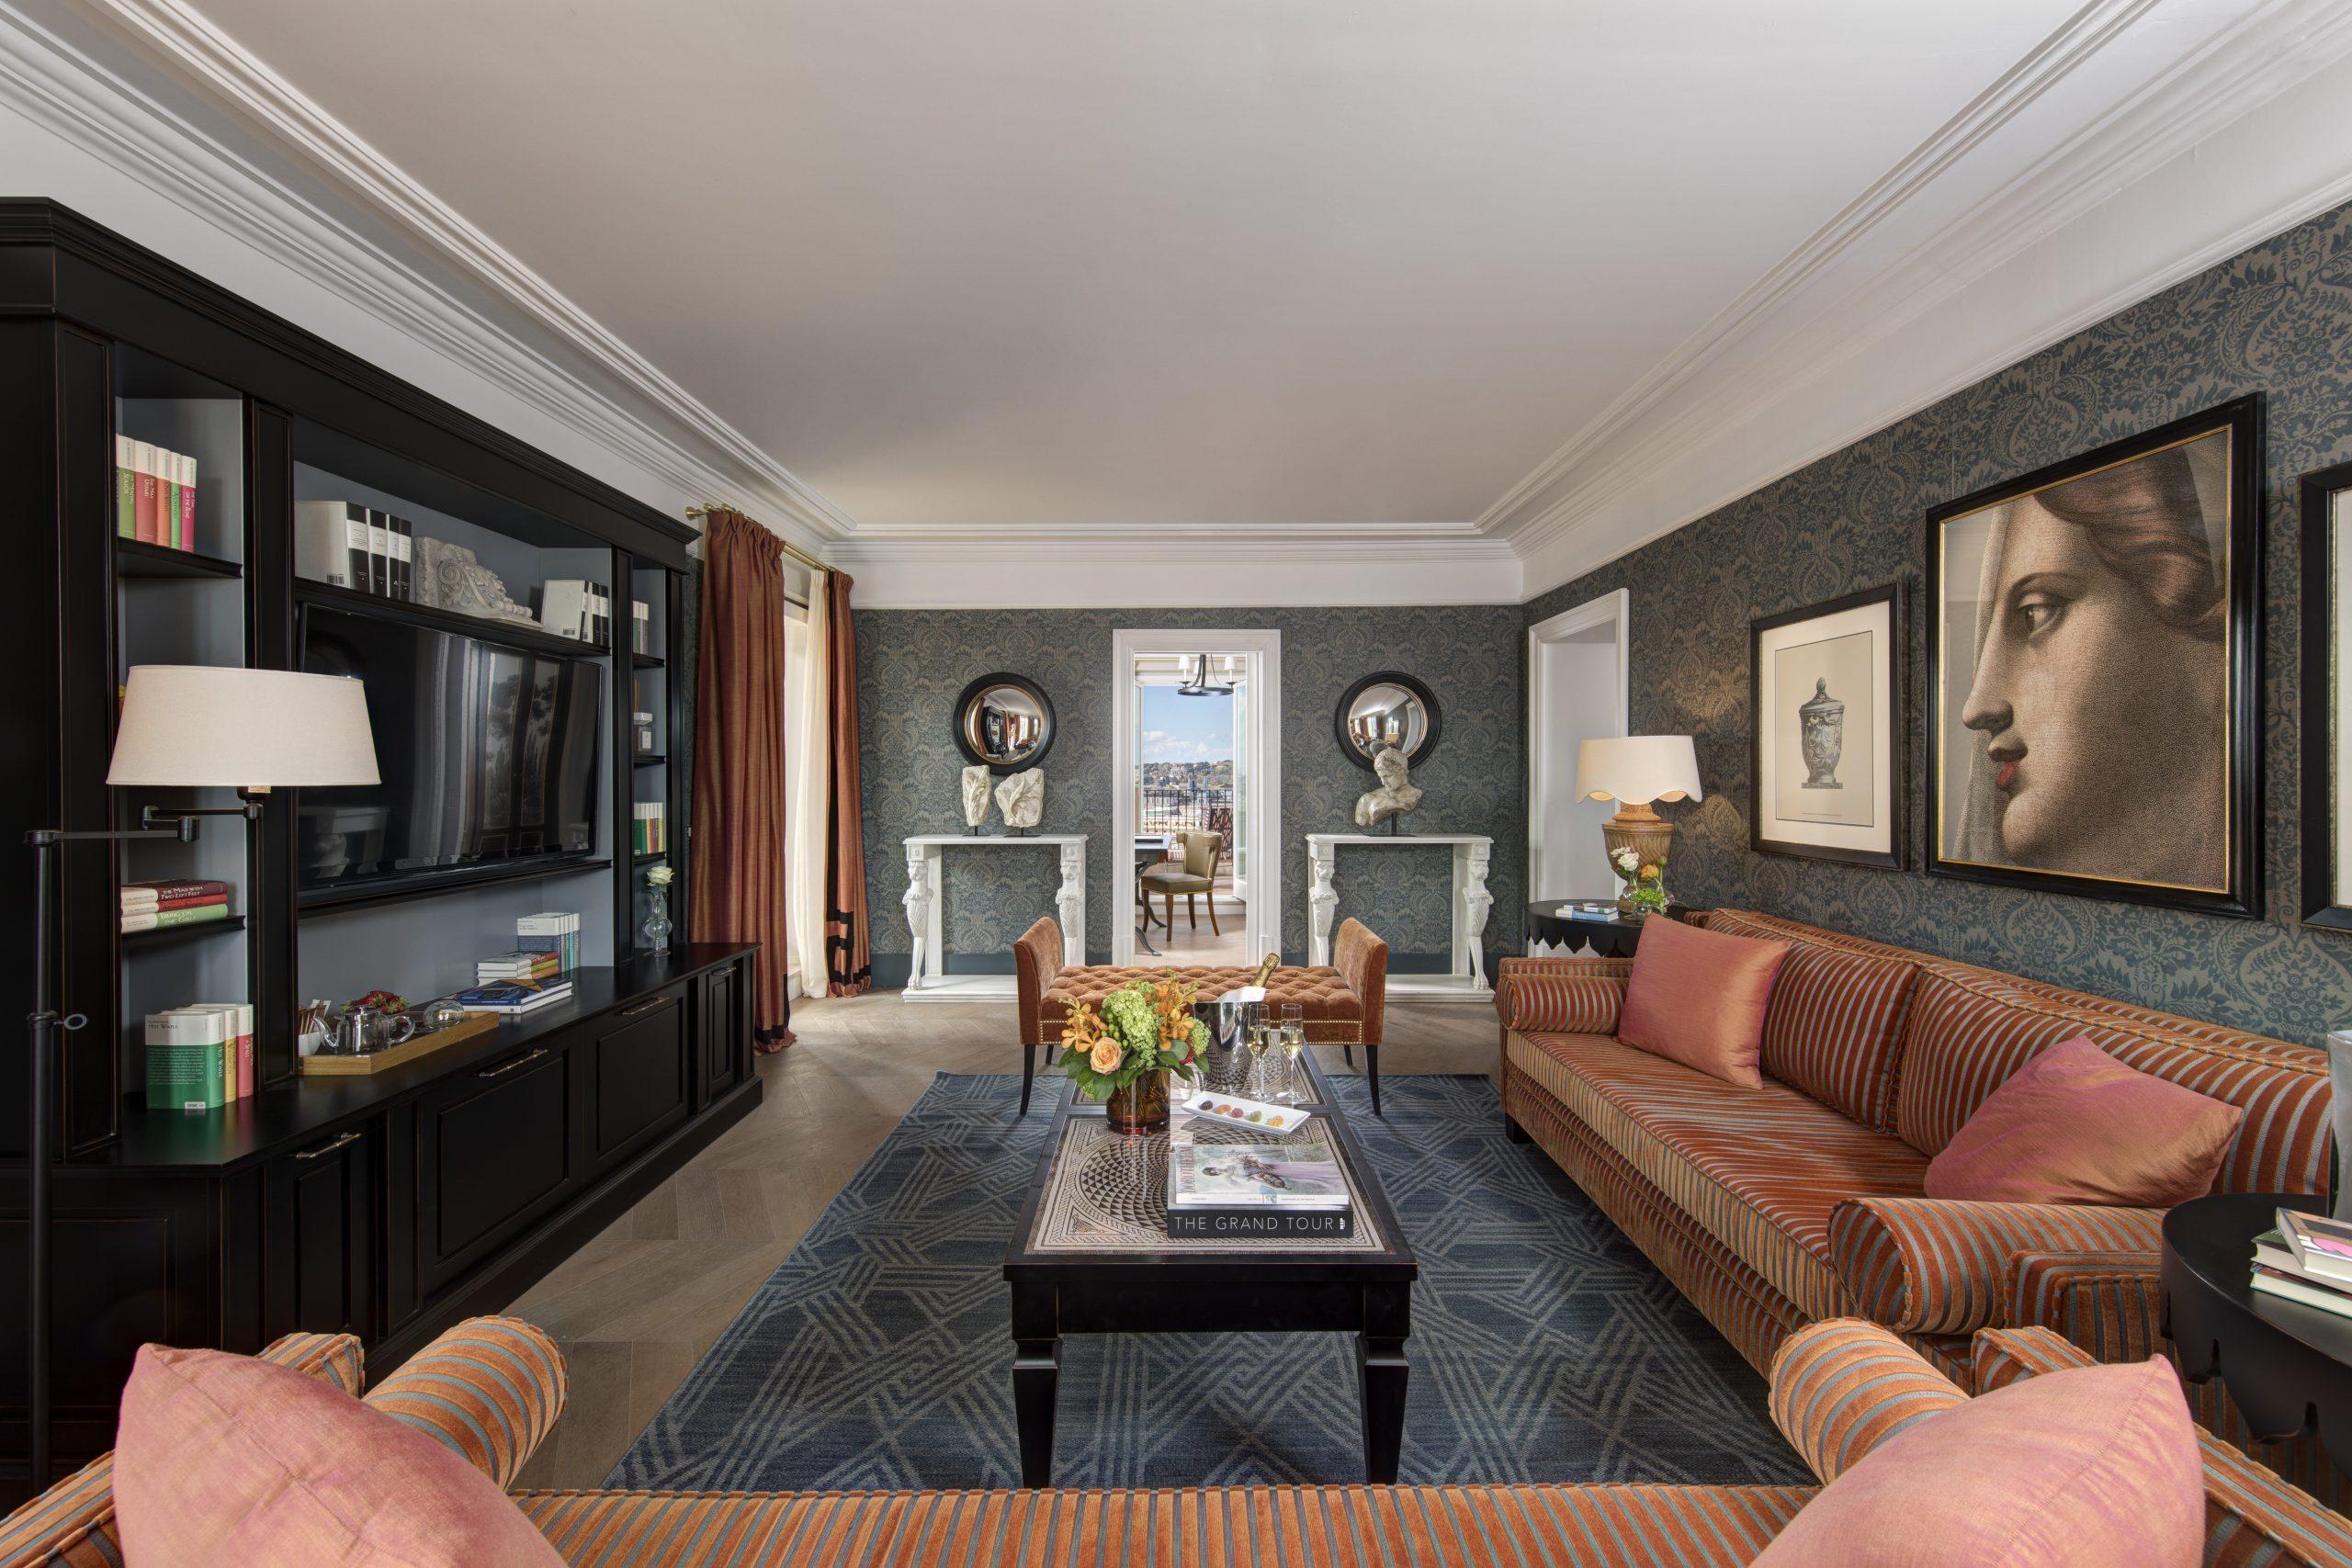 RFH Hotel de la Ville - Roma Suite 2921 JG Apr 19